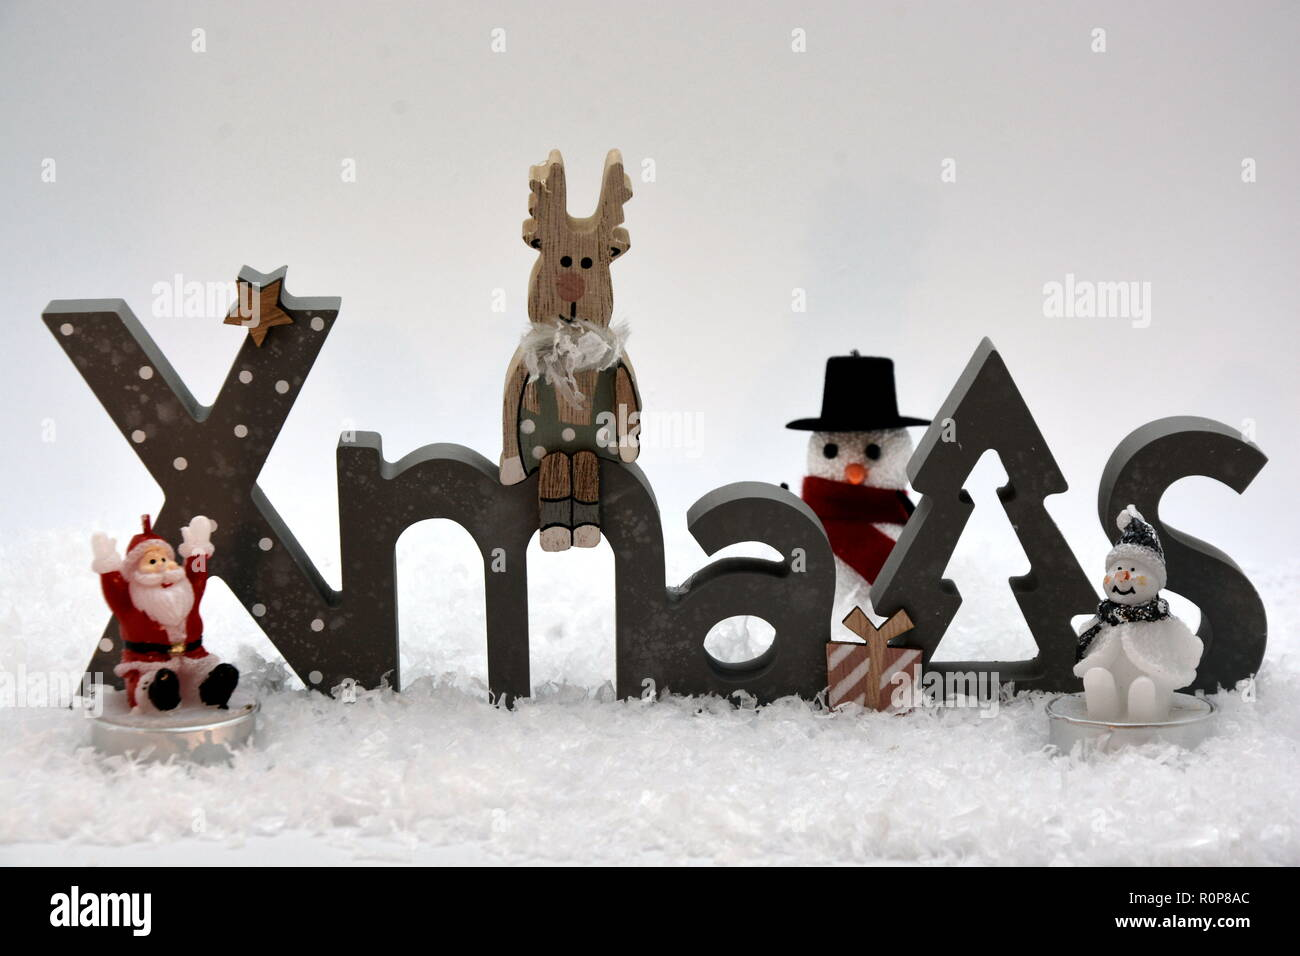 Weihnachten Schnee Schneemann Advent Stock Photo